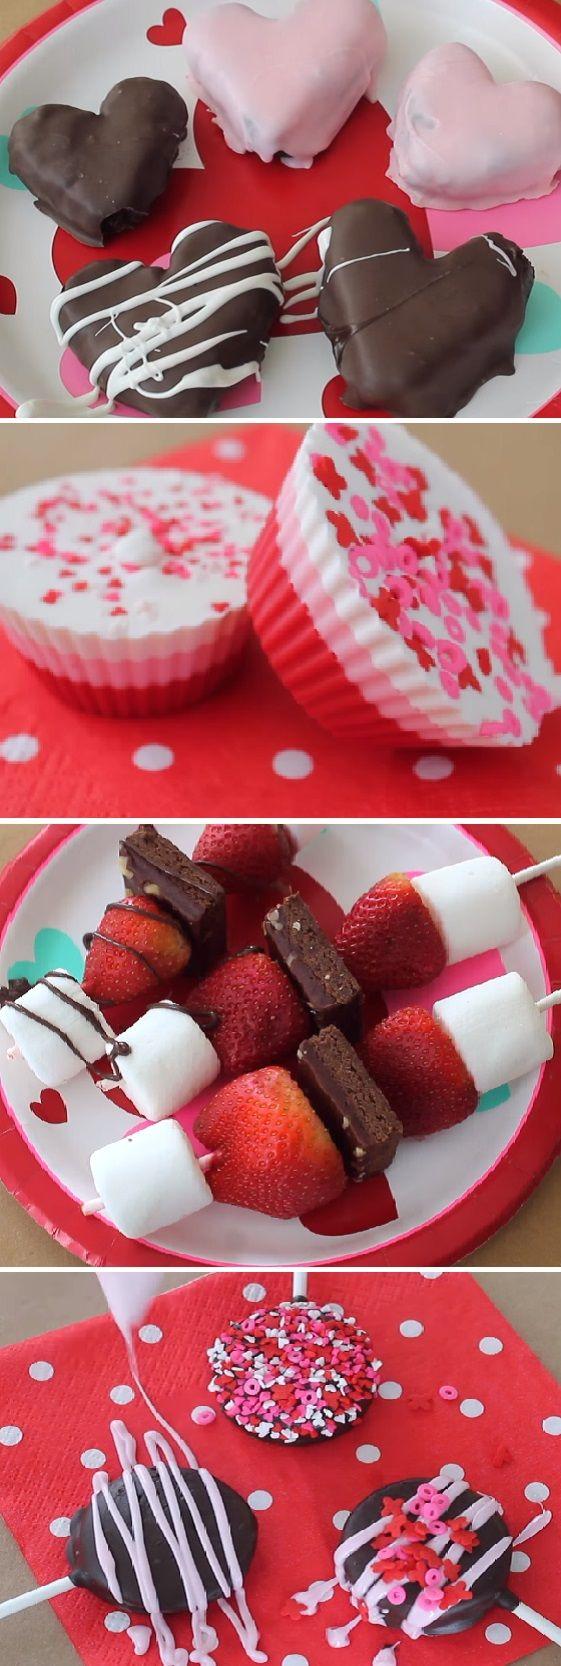 7 Postres de San Valentin Sin Horno. Recetas románticas¨ #sanvalentin #valentinesday #valentine #love #azúcar #tips #cupcakes #cakes #dulces #receta #recipe #casero #torta #tartas #pastel #nestlecocina #bizcocho #bizcochuelo #tasty #cocina #chocolate #pan #panes Si te gusta dinos HOLA y dale a Me Gusta MIREN …